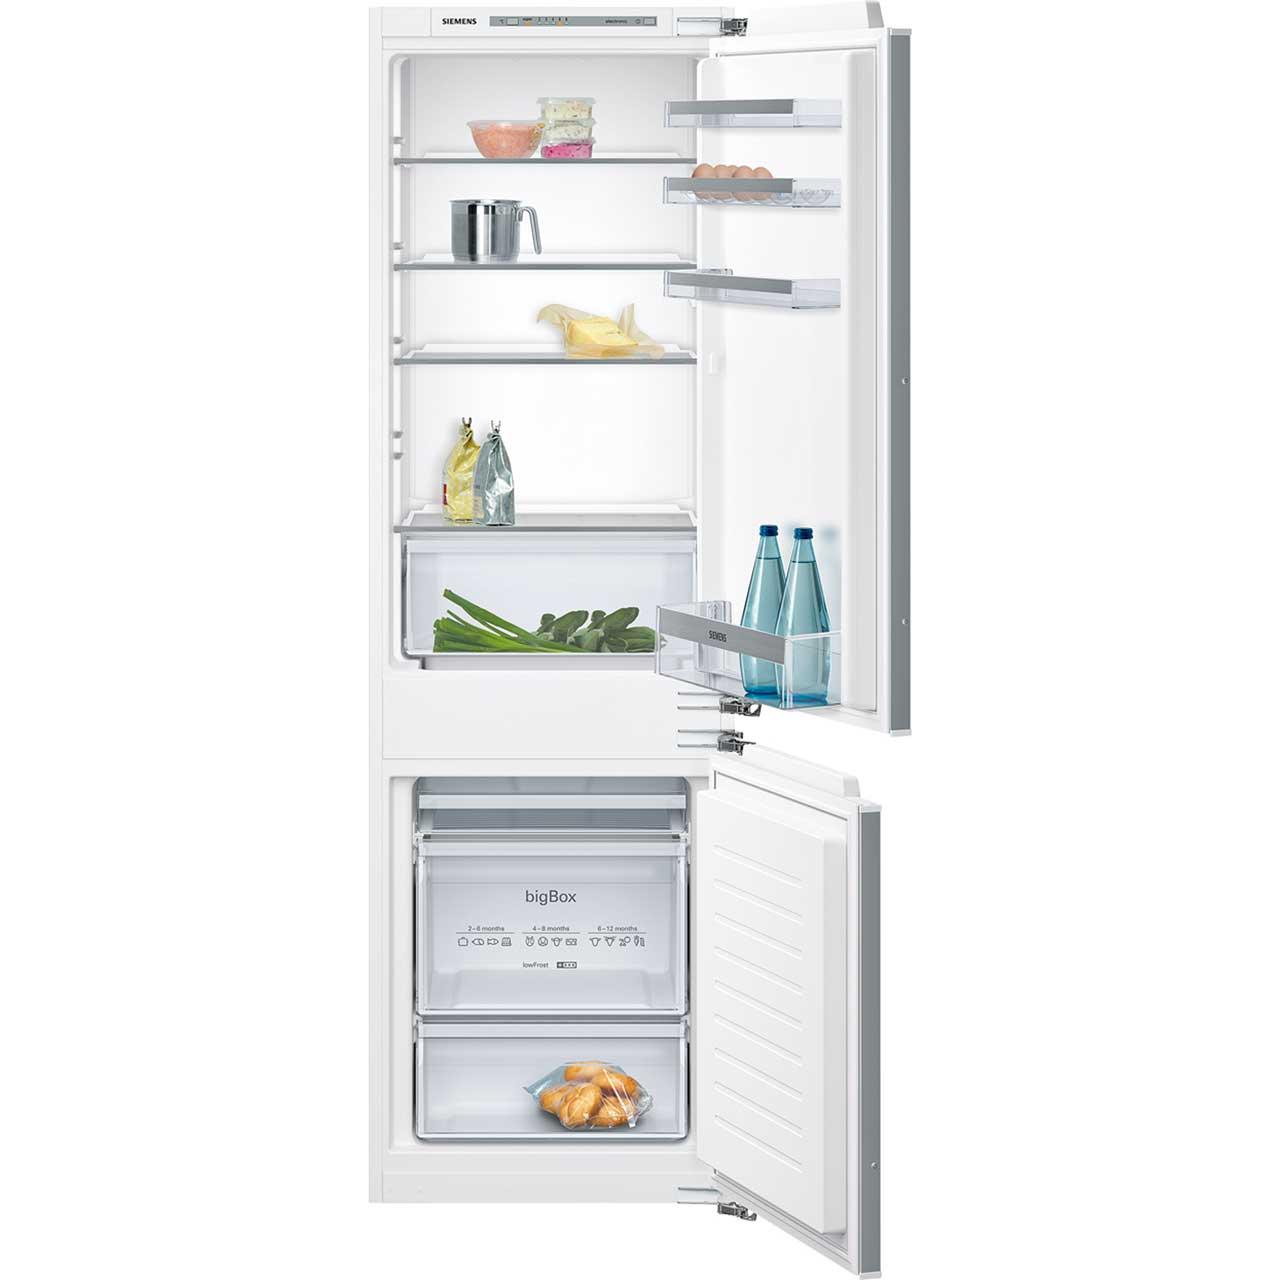 Siemens IQ300 KI86VVF30G Integrated Fridge Freezer in White